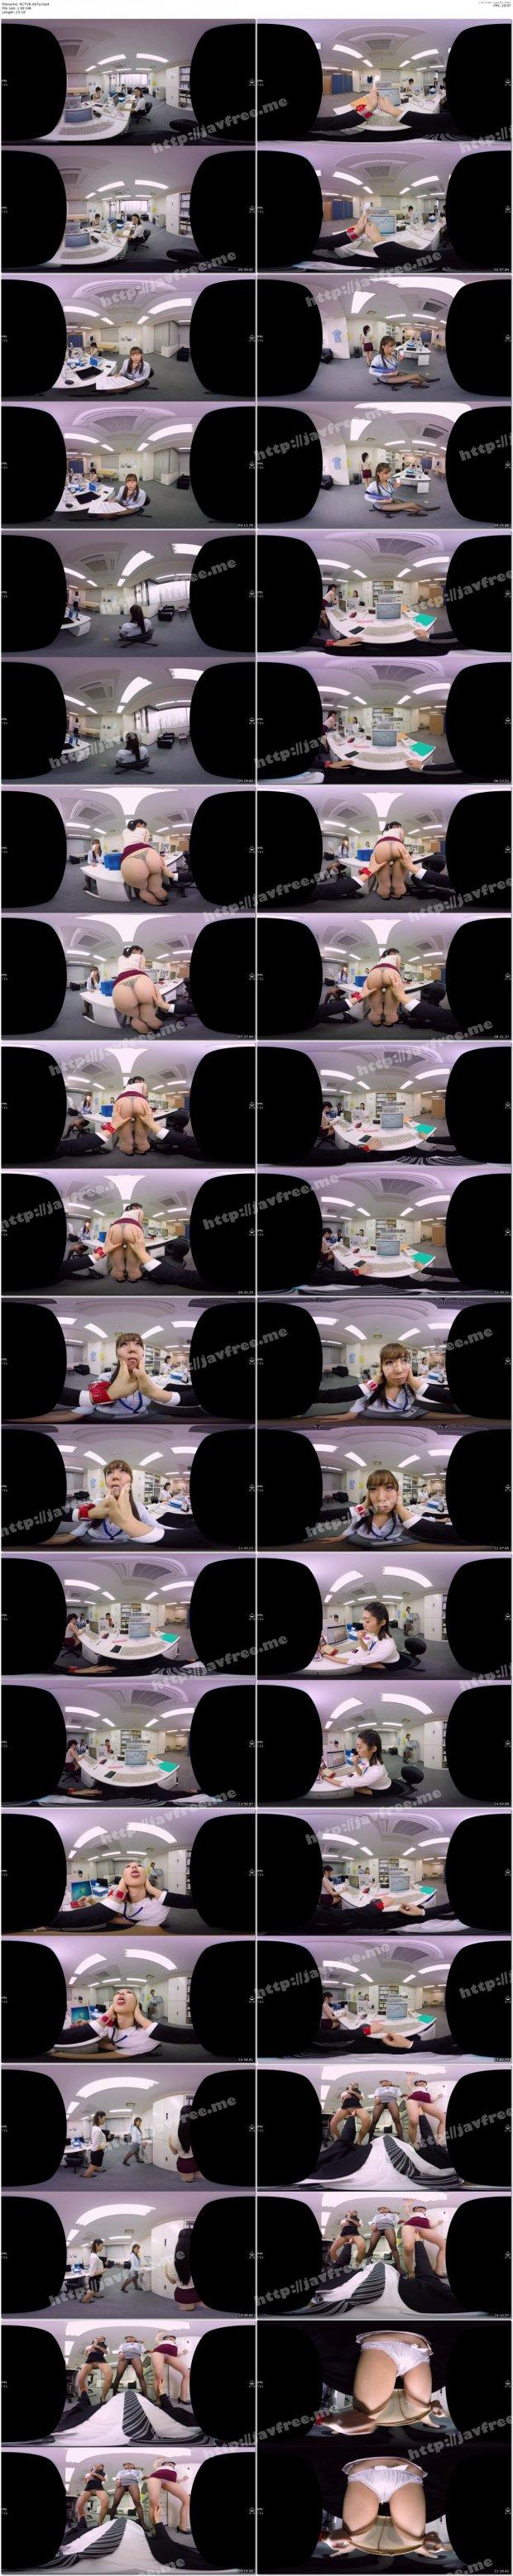 [RCTVR-007] 【VR】ROCKET3DVR 遂に貴方が時間が止まる腕時計を手に入れた! V超・時間が止まる腕時計R オフィス編 なめらかな視点移動で高画質!瞬きひとつしないエロいカラダのOLを貴方がねちっこく犯す時が来た!!